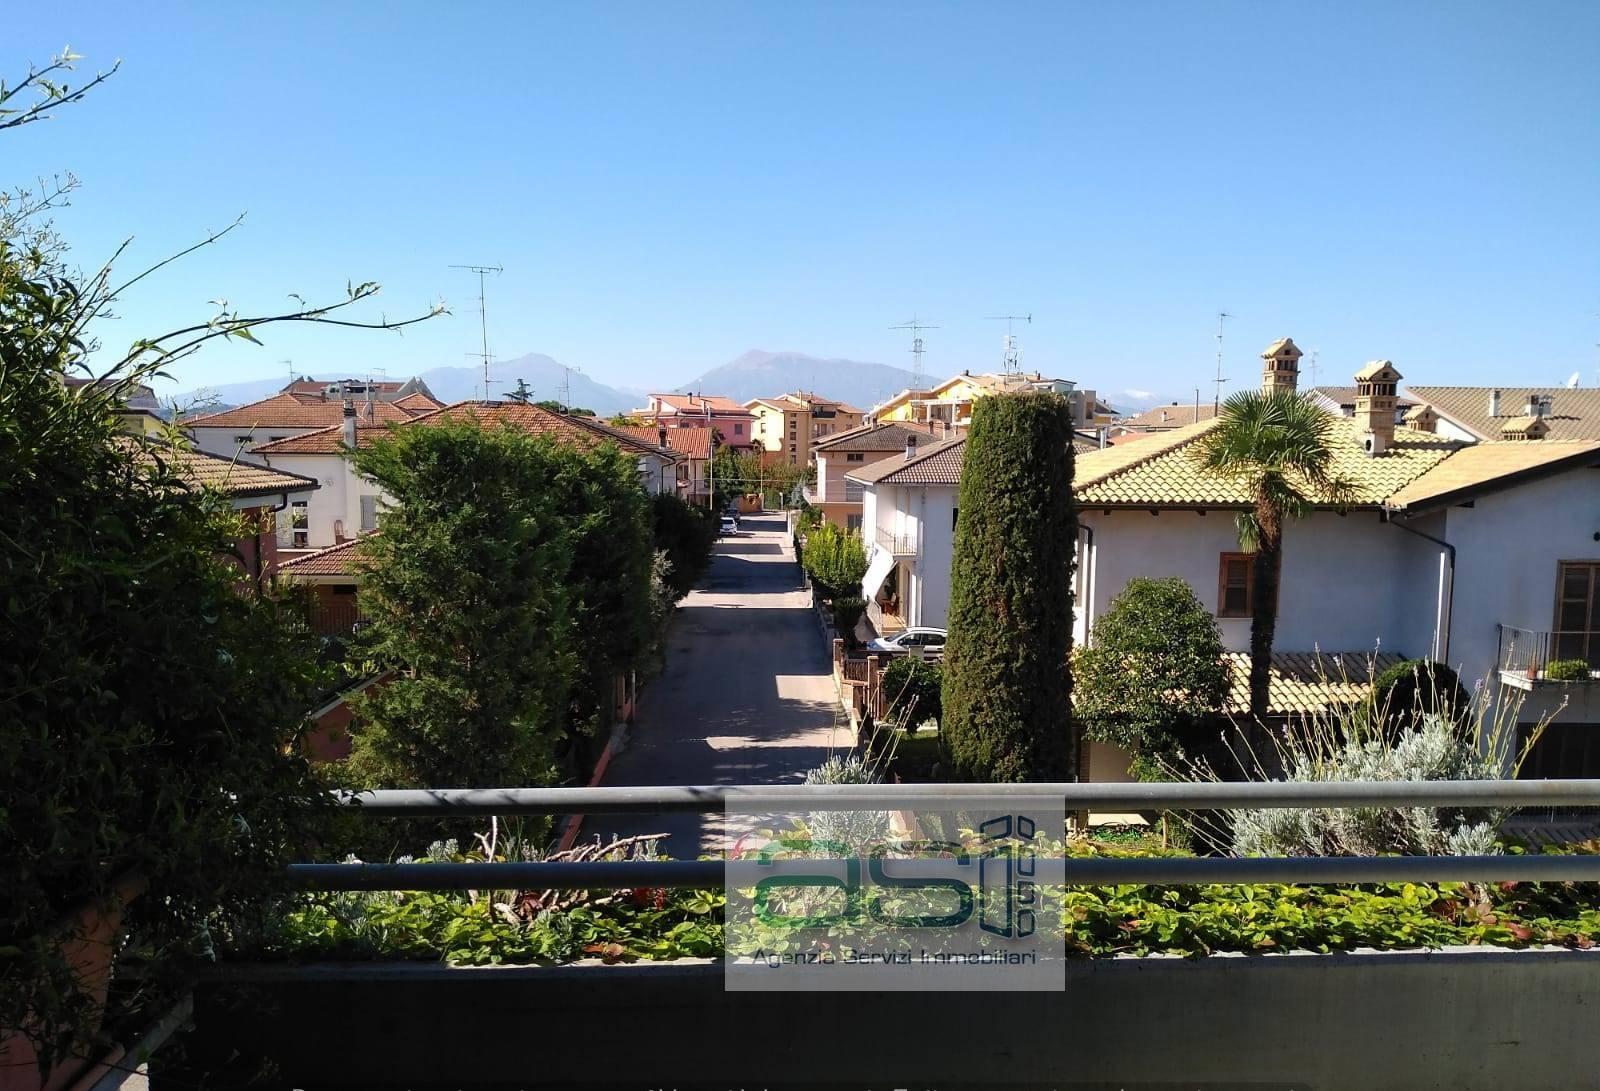 Appartamento in vendita a Corropoli, 5 locali, zona Località: residenziale, prezzo € 93.000 | PortaleAgenzieImmobiliari.it